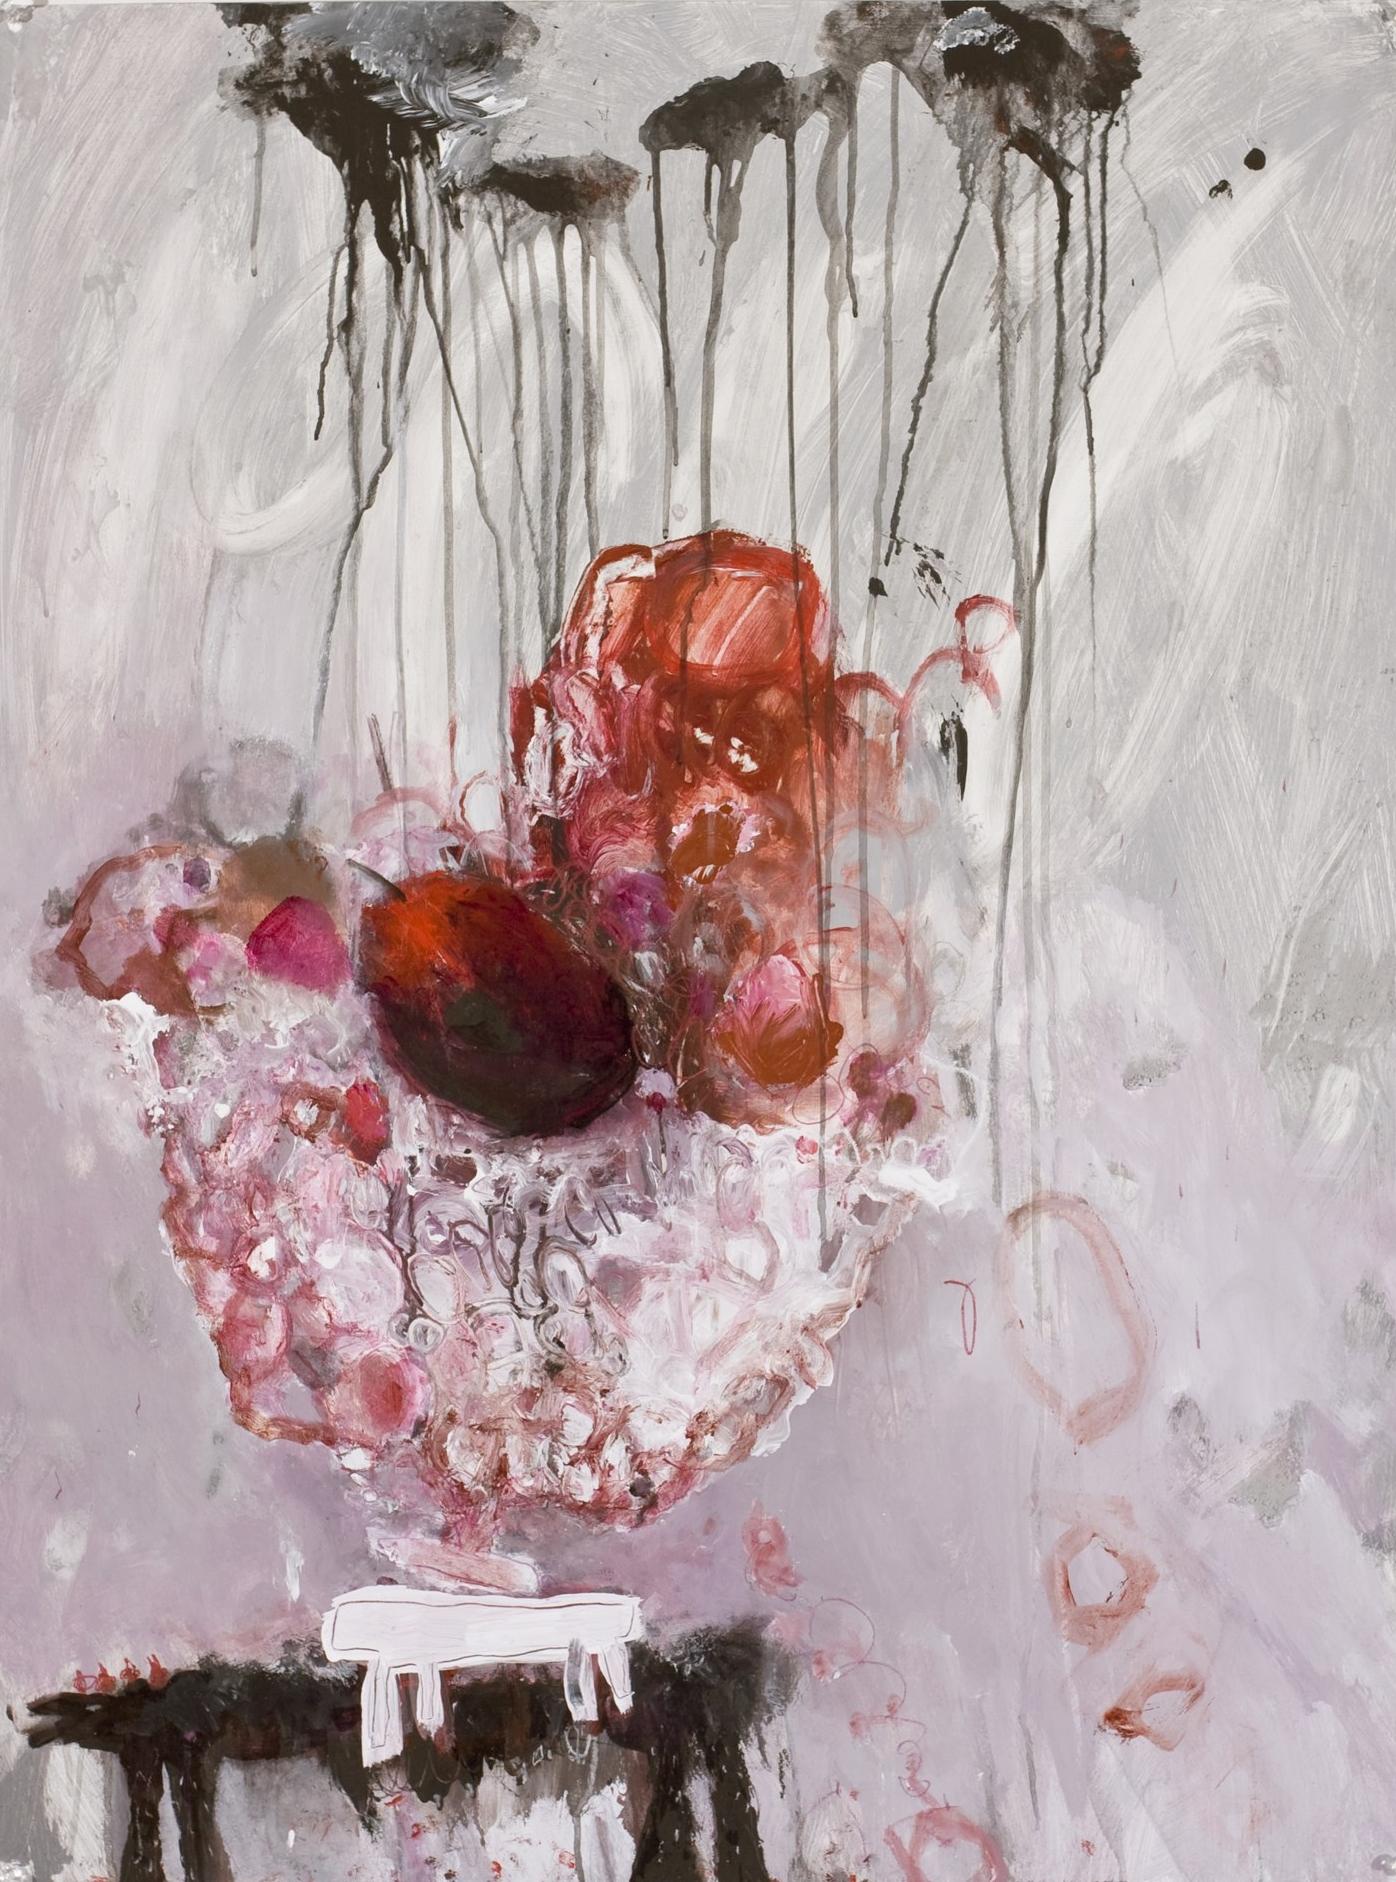 black dog, white table, cherries